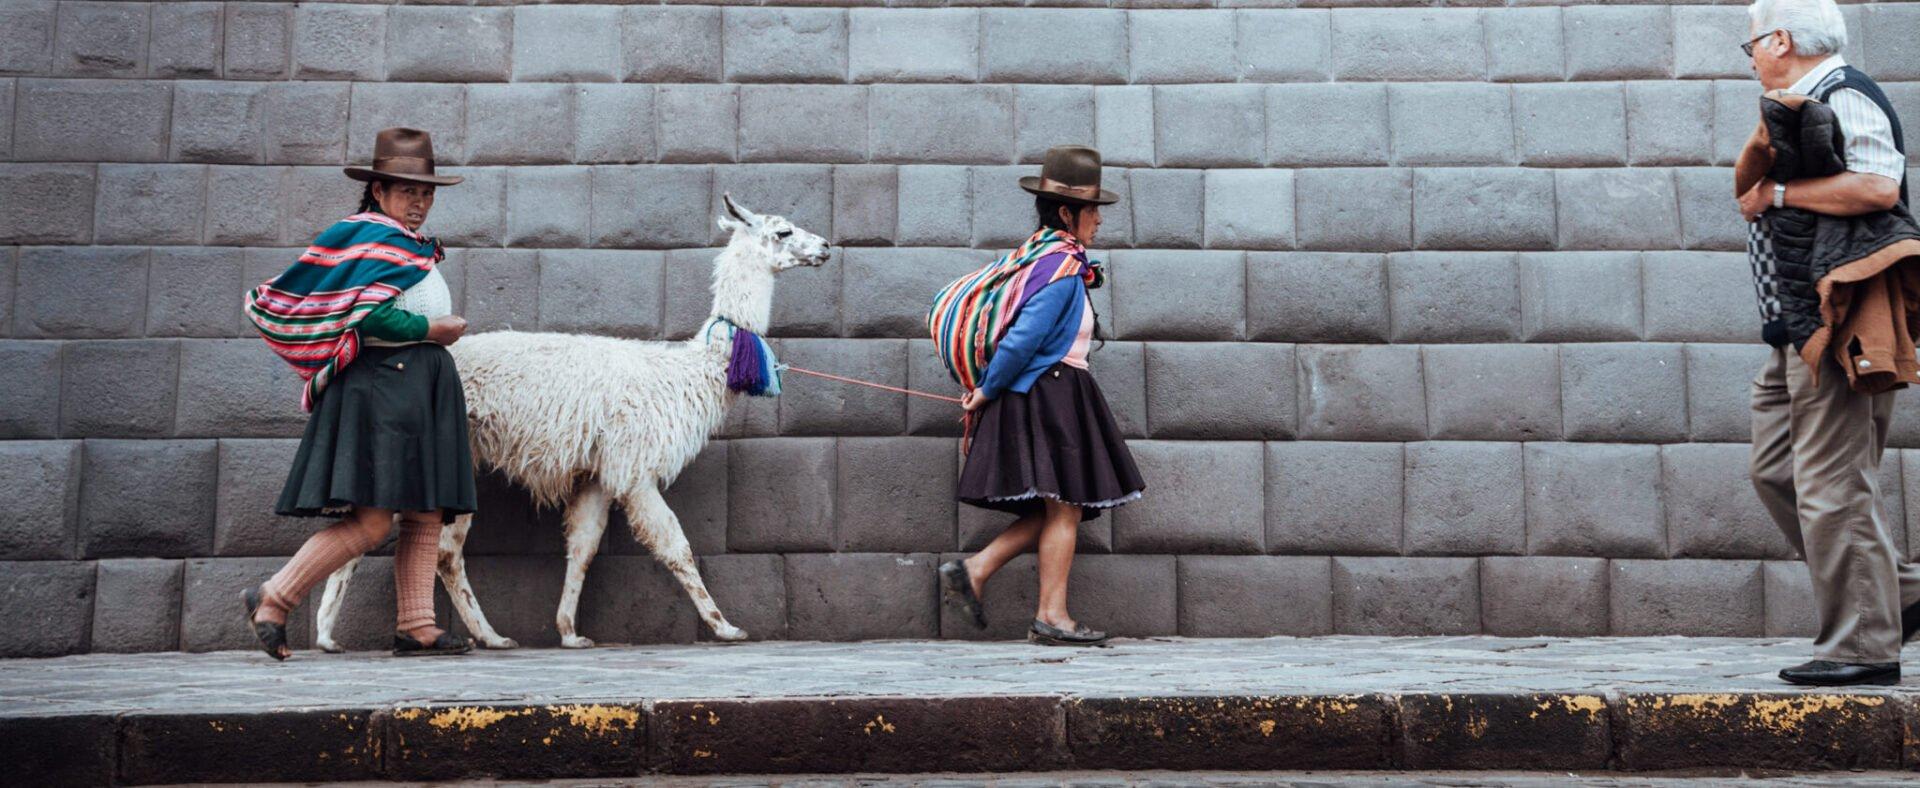 Cholas andando com uma lhama no centro de Cusco